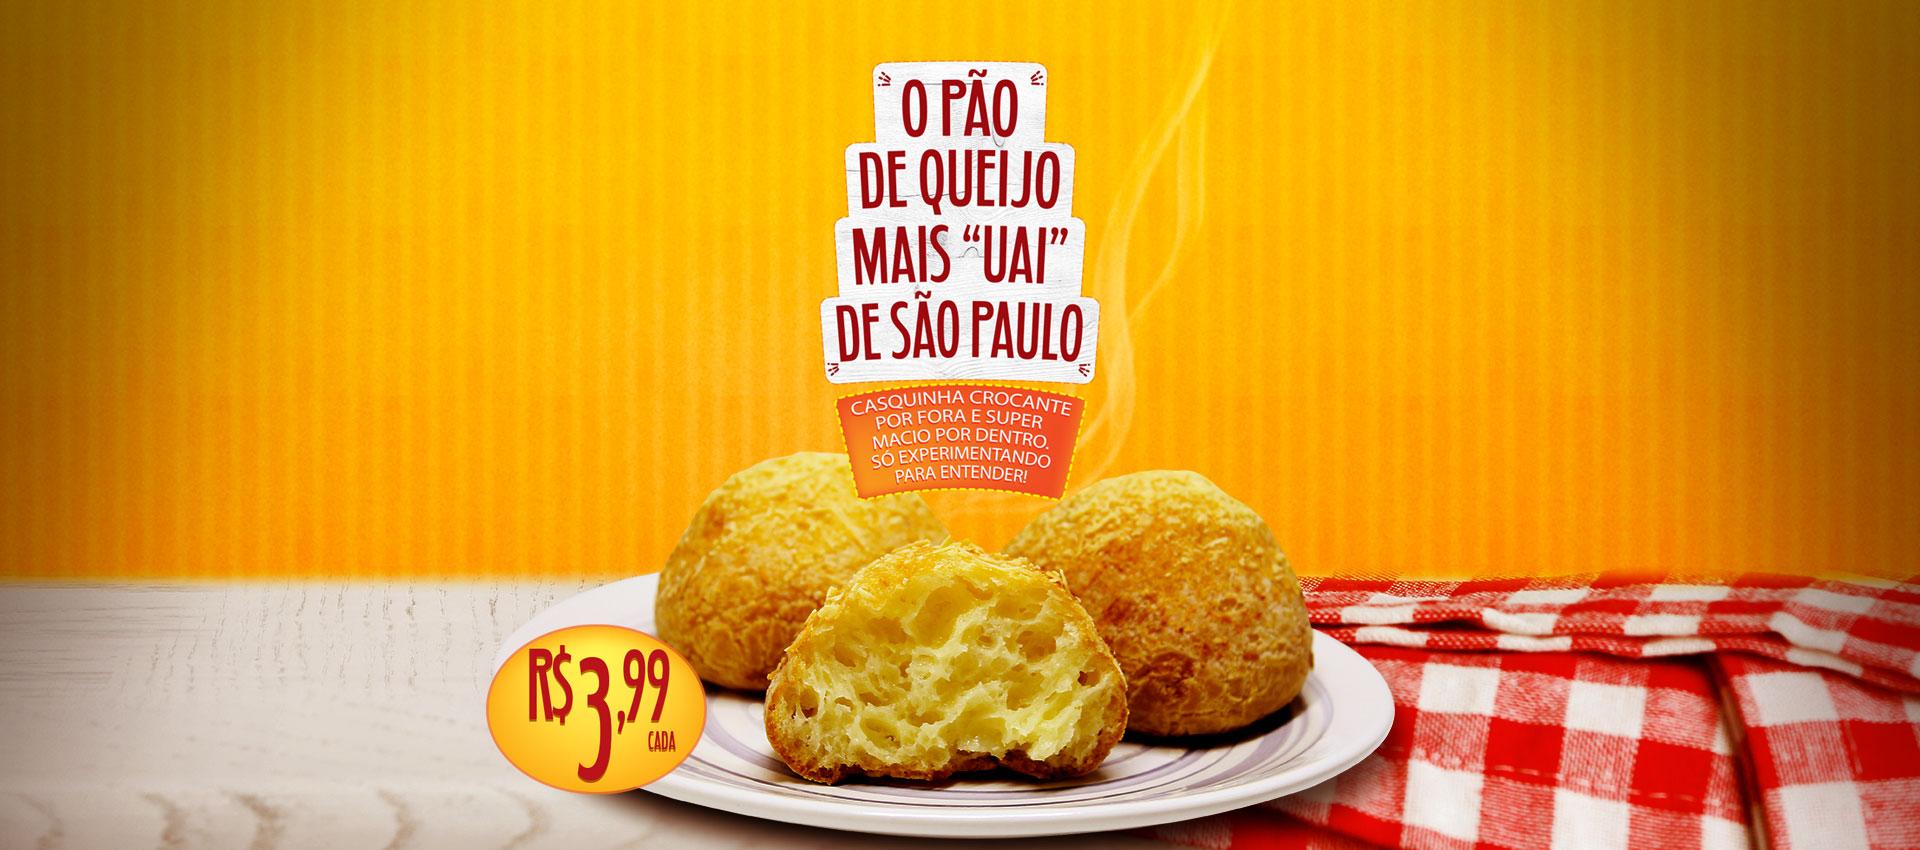 banner-homePao-queijo